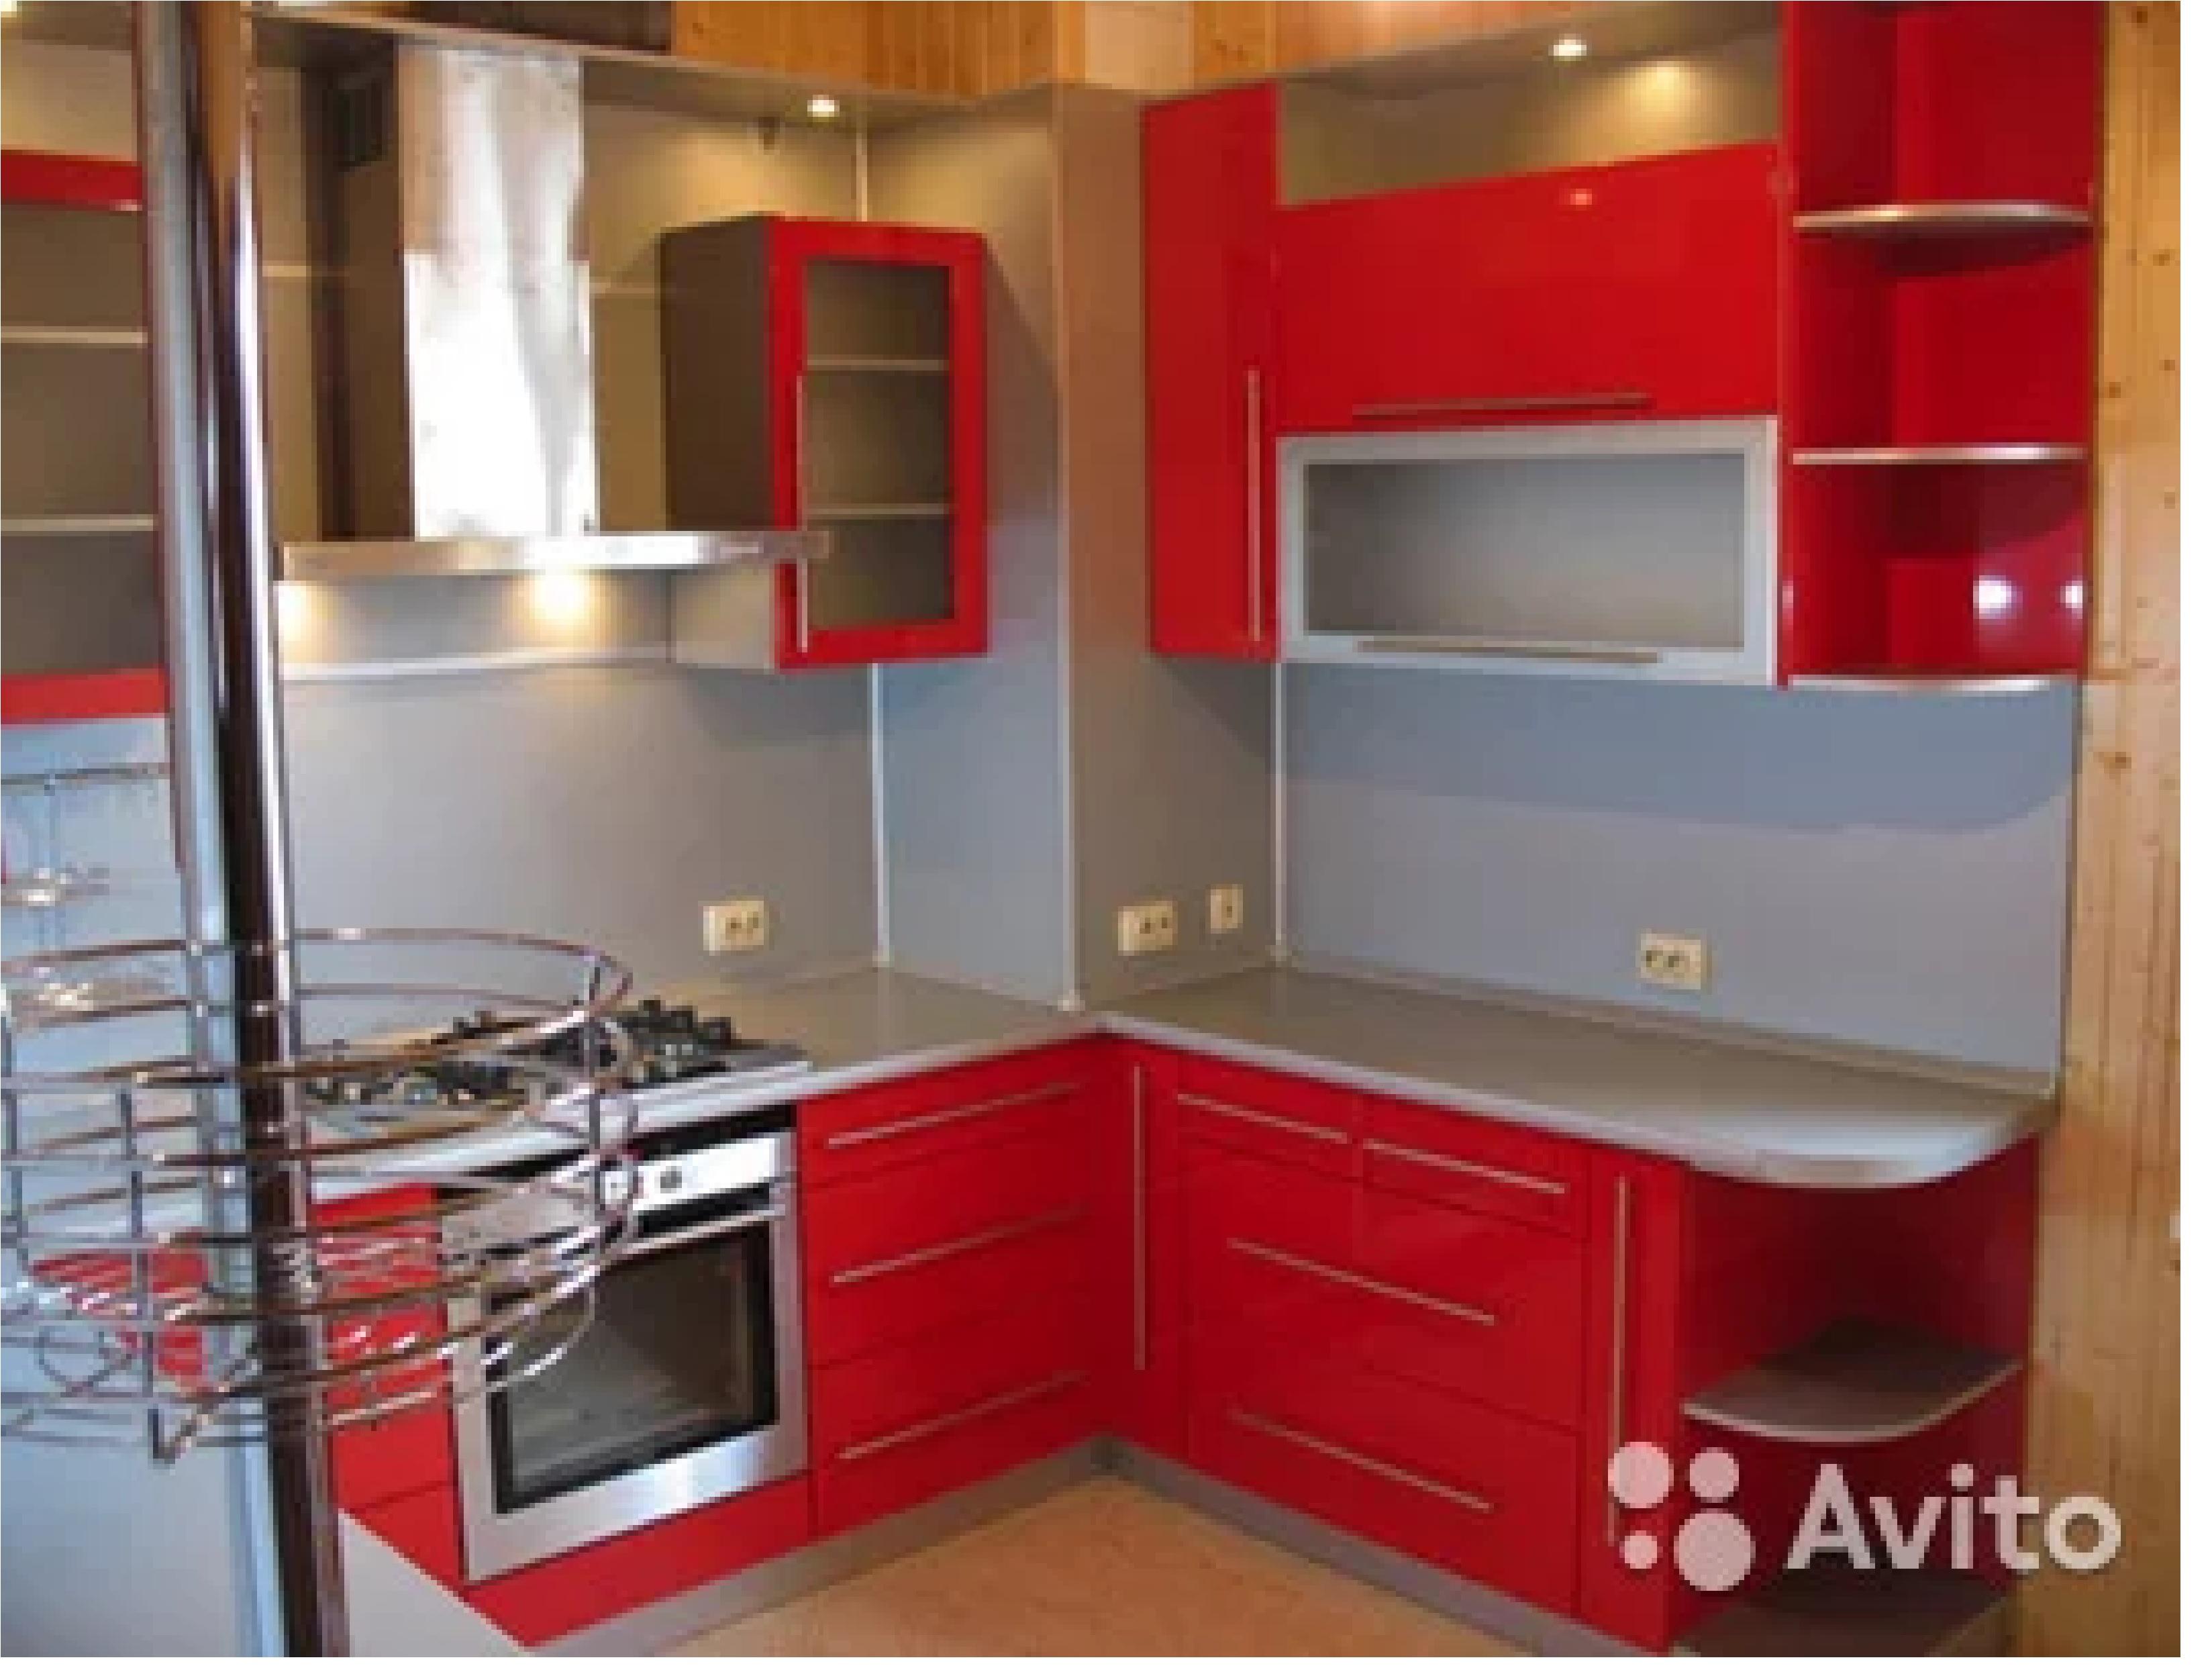 Кухни и корпусная мебель на заказ